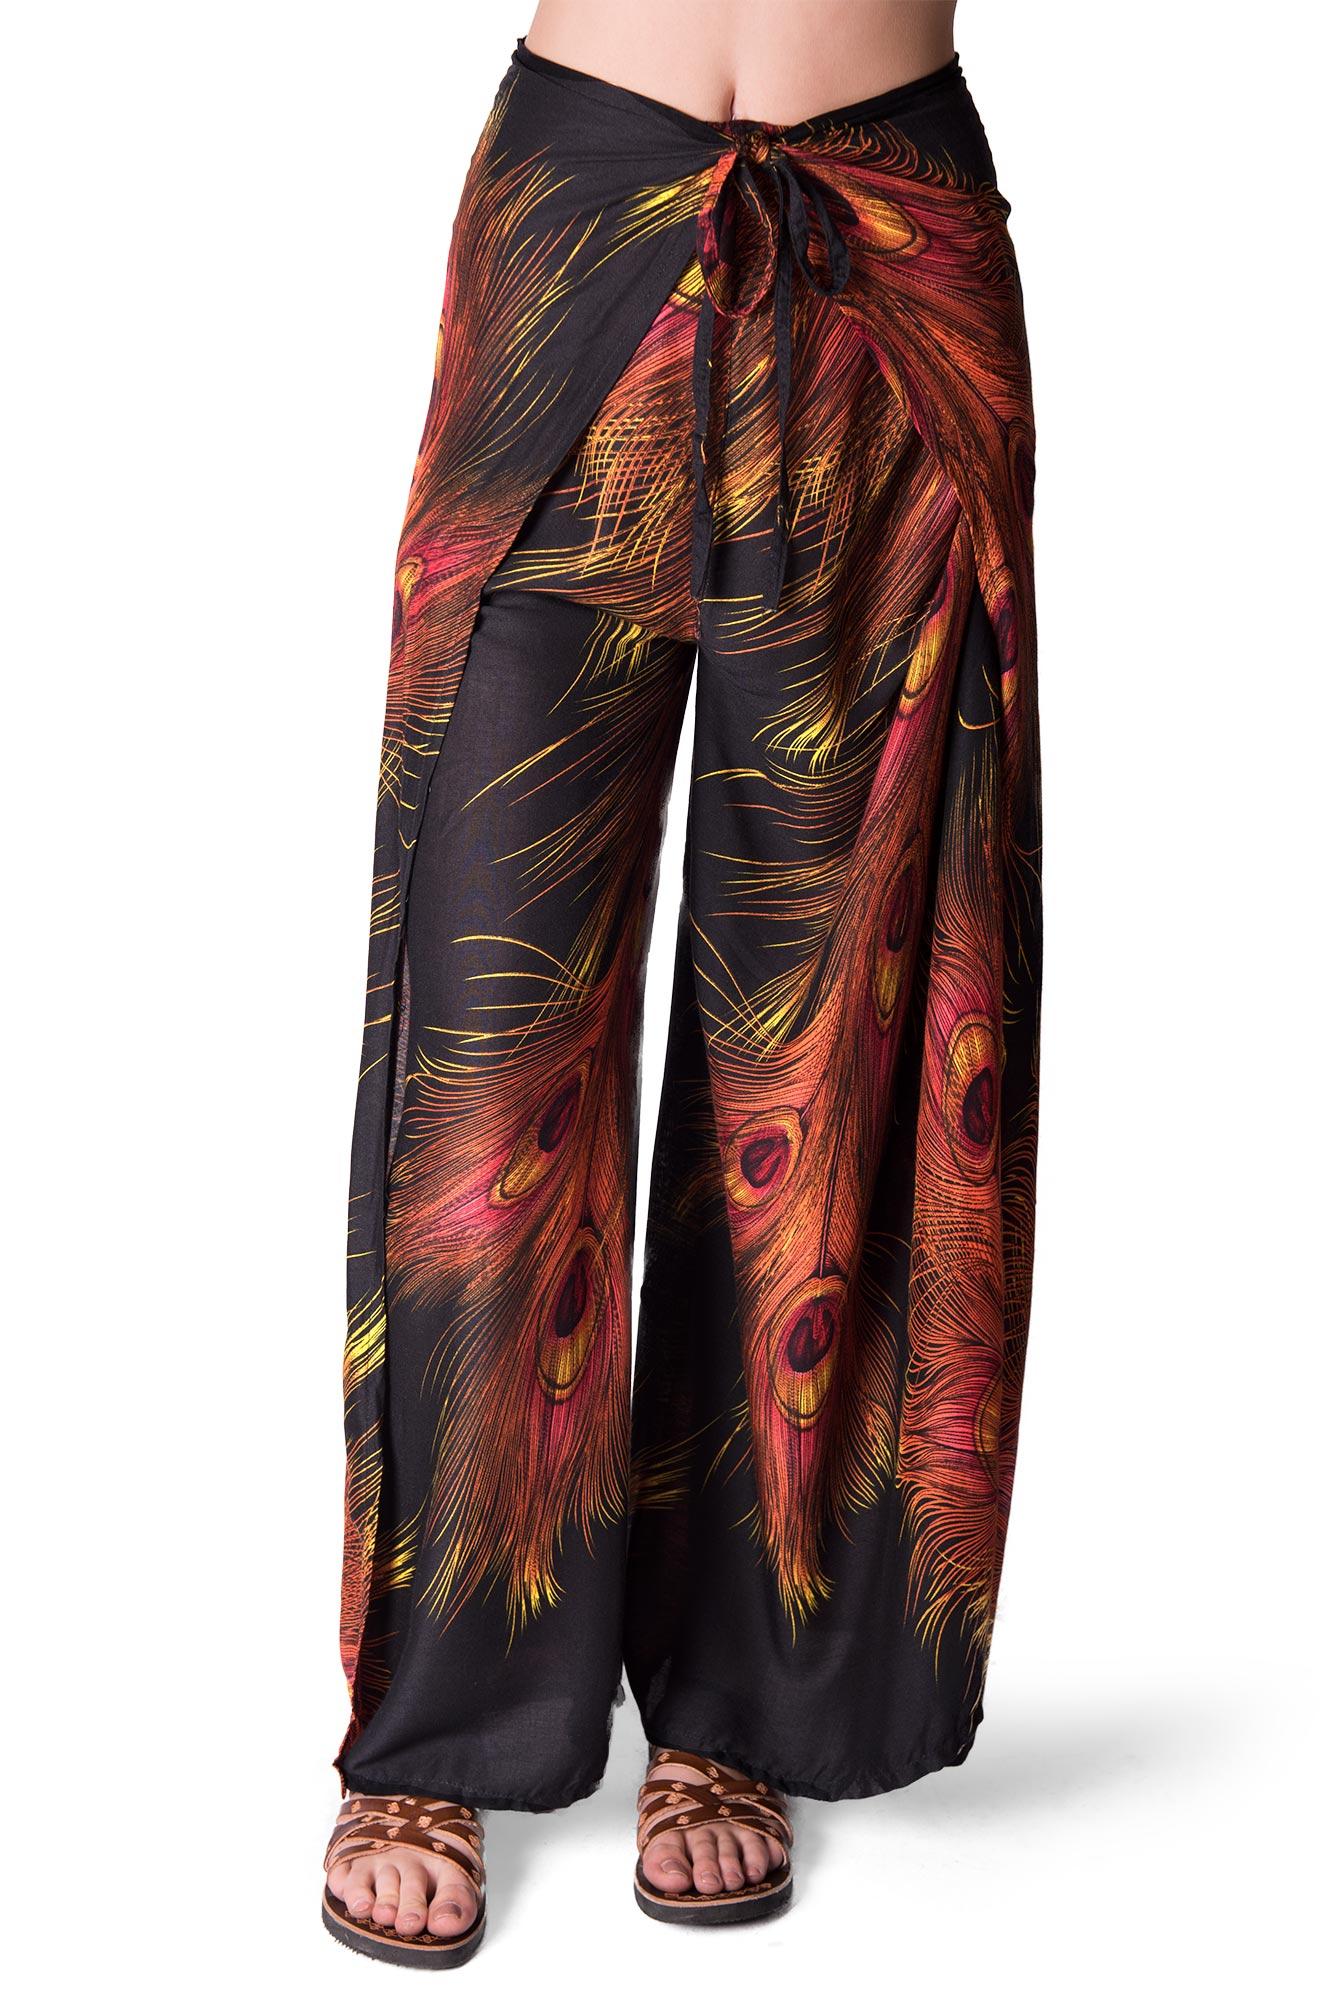 Wrap Pants Peacock Print, Black - 4504K